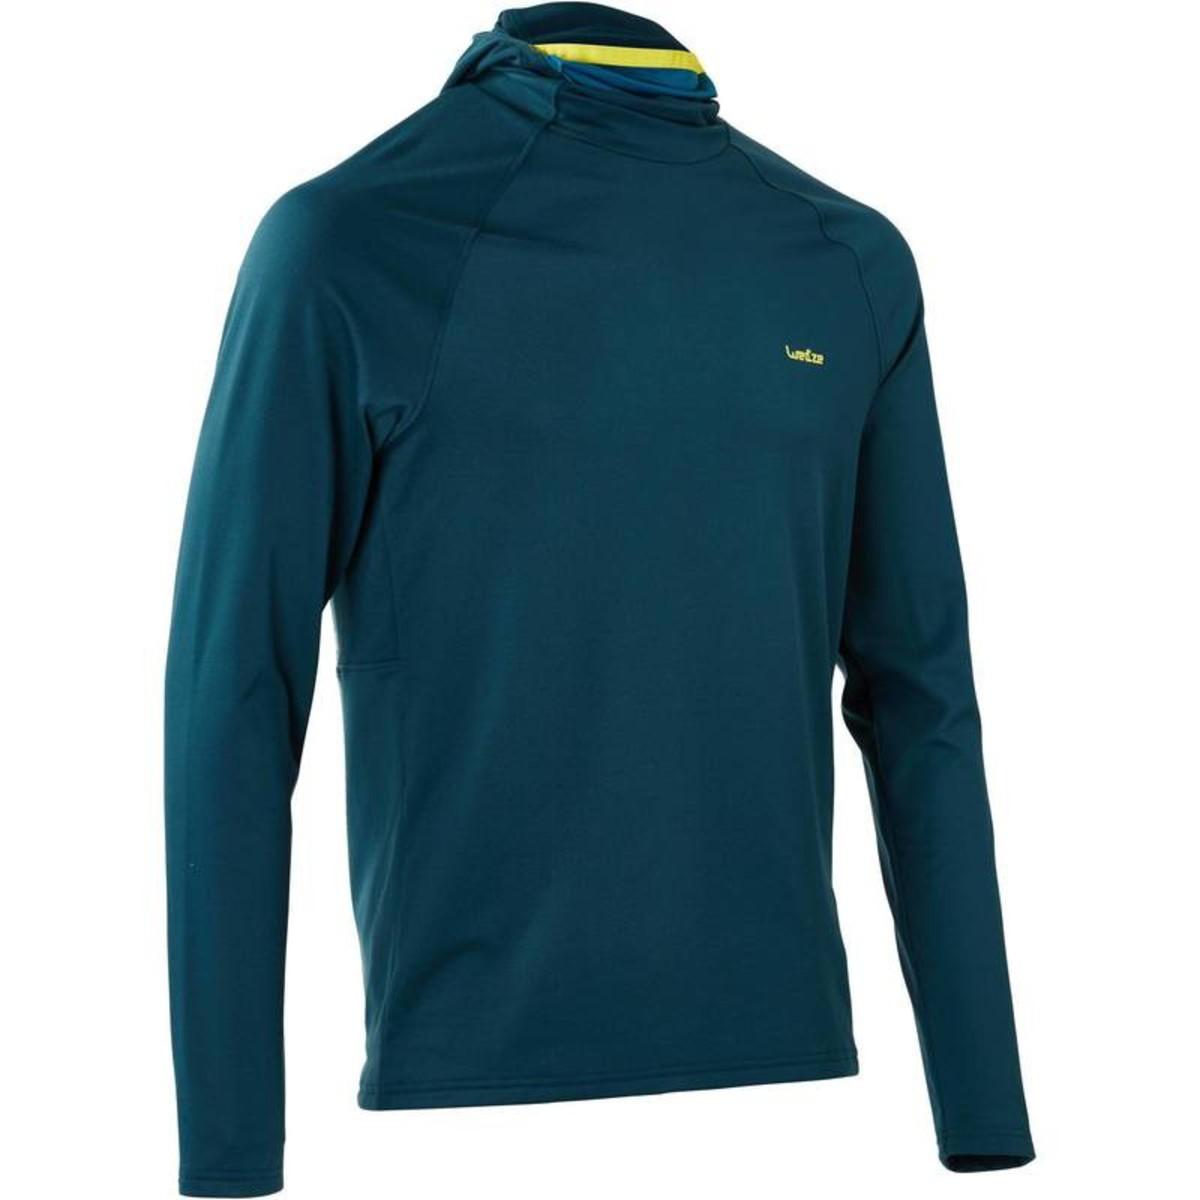 Bild 1 von WED´ZE Skiunterwäsche Funktionsshirt Freshwarm Neck Herren blau , Größe: S